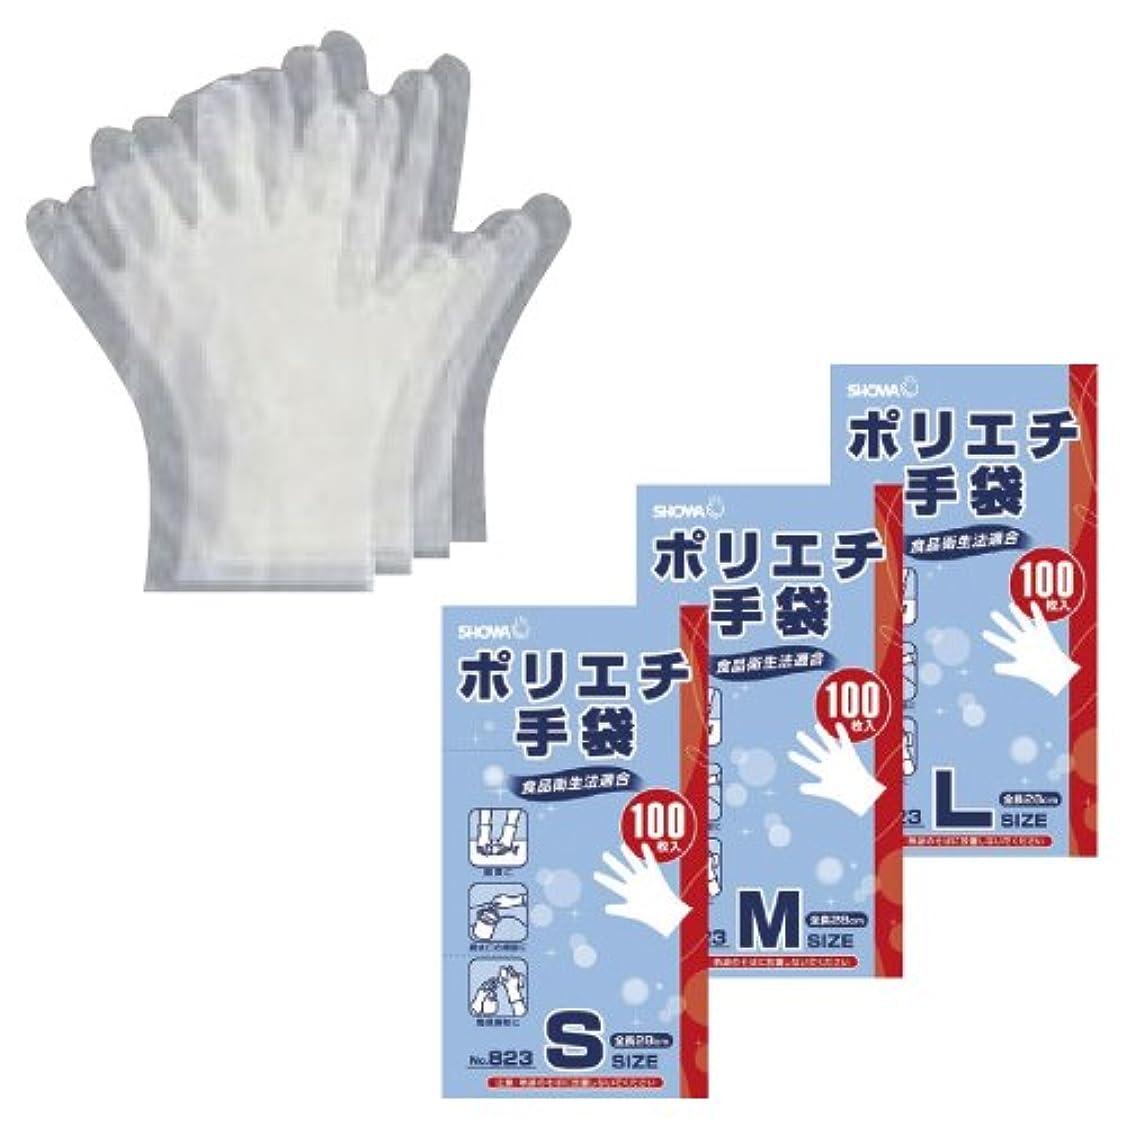 カウントアップミトン免除ポリエチ手袋(半透明) NO.823(L)100????????????(23-7247-02)